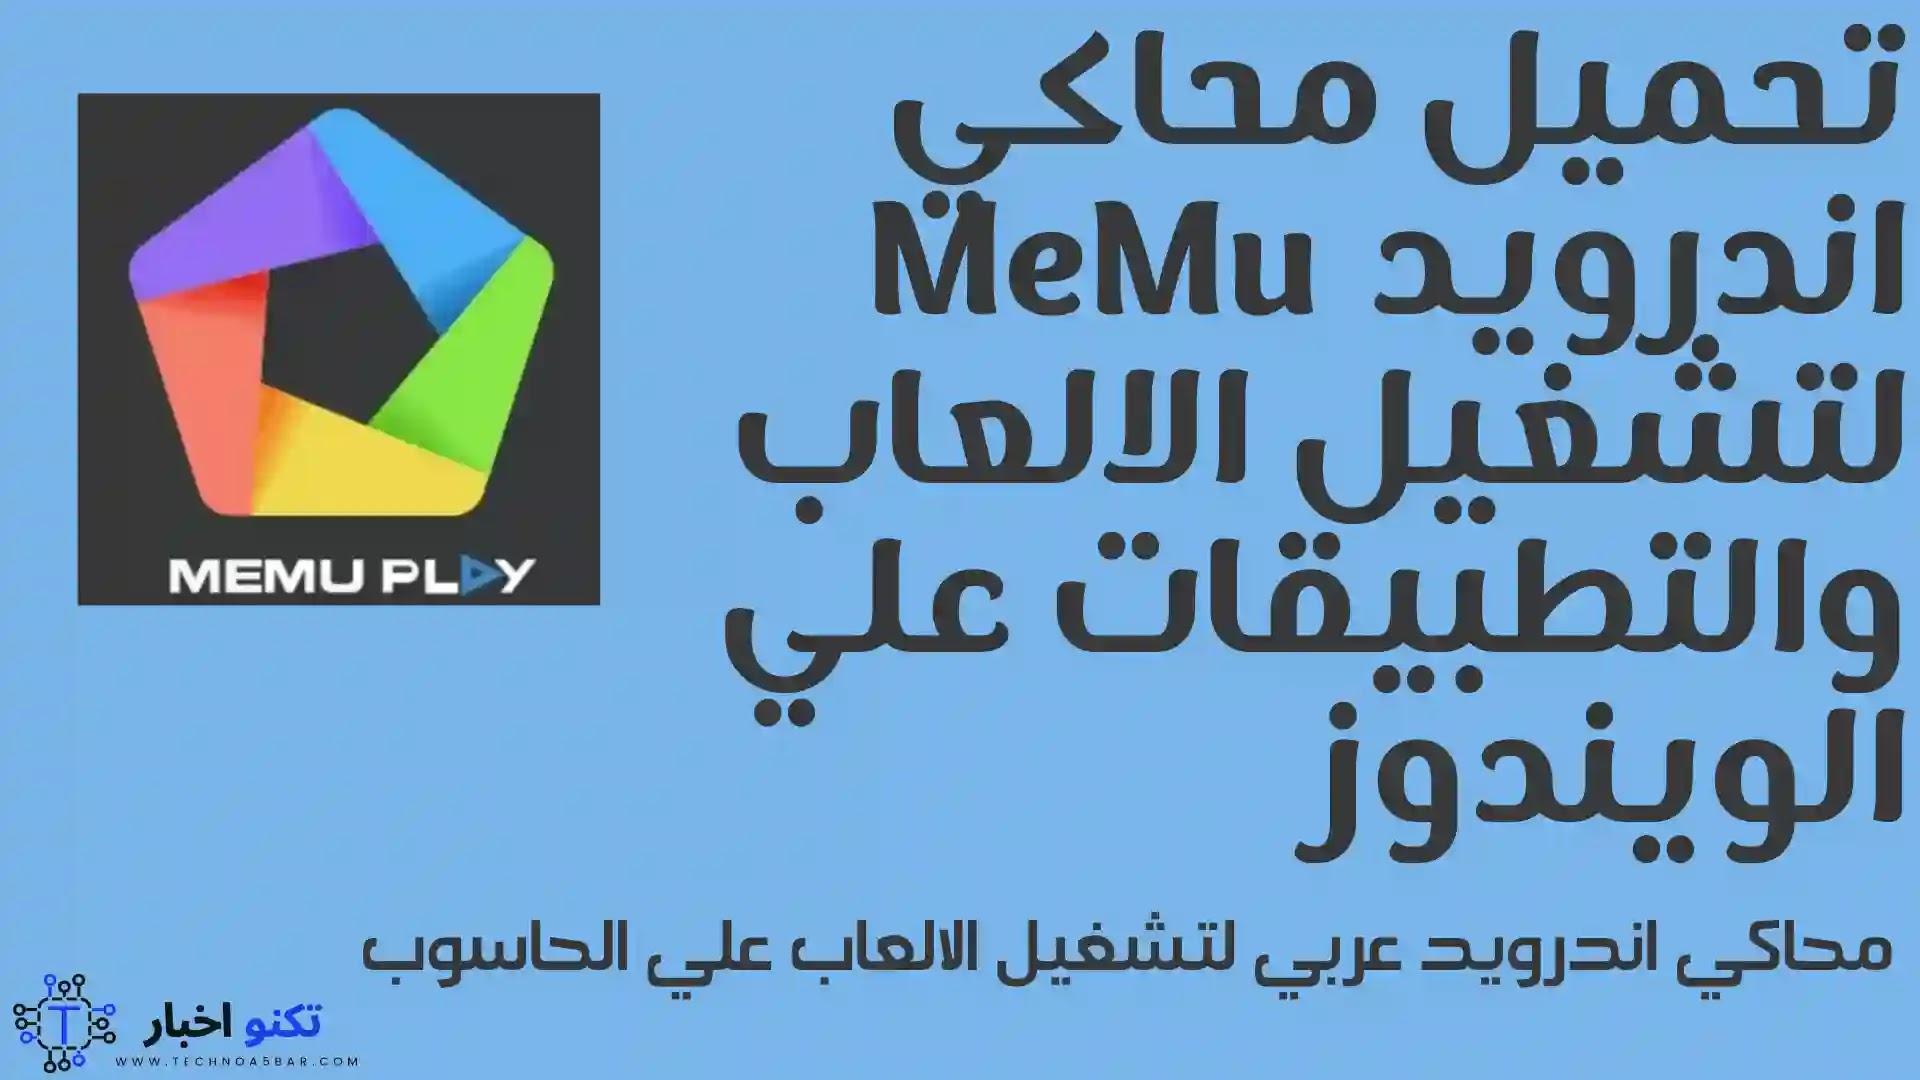 تحميل محاكي اندرويد MeMu عربي لتشغيل الالعاب والتطبيقات علي الويندوز